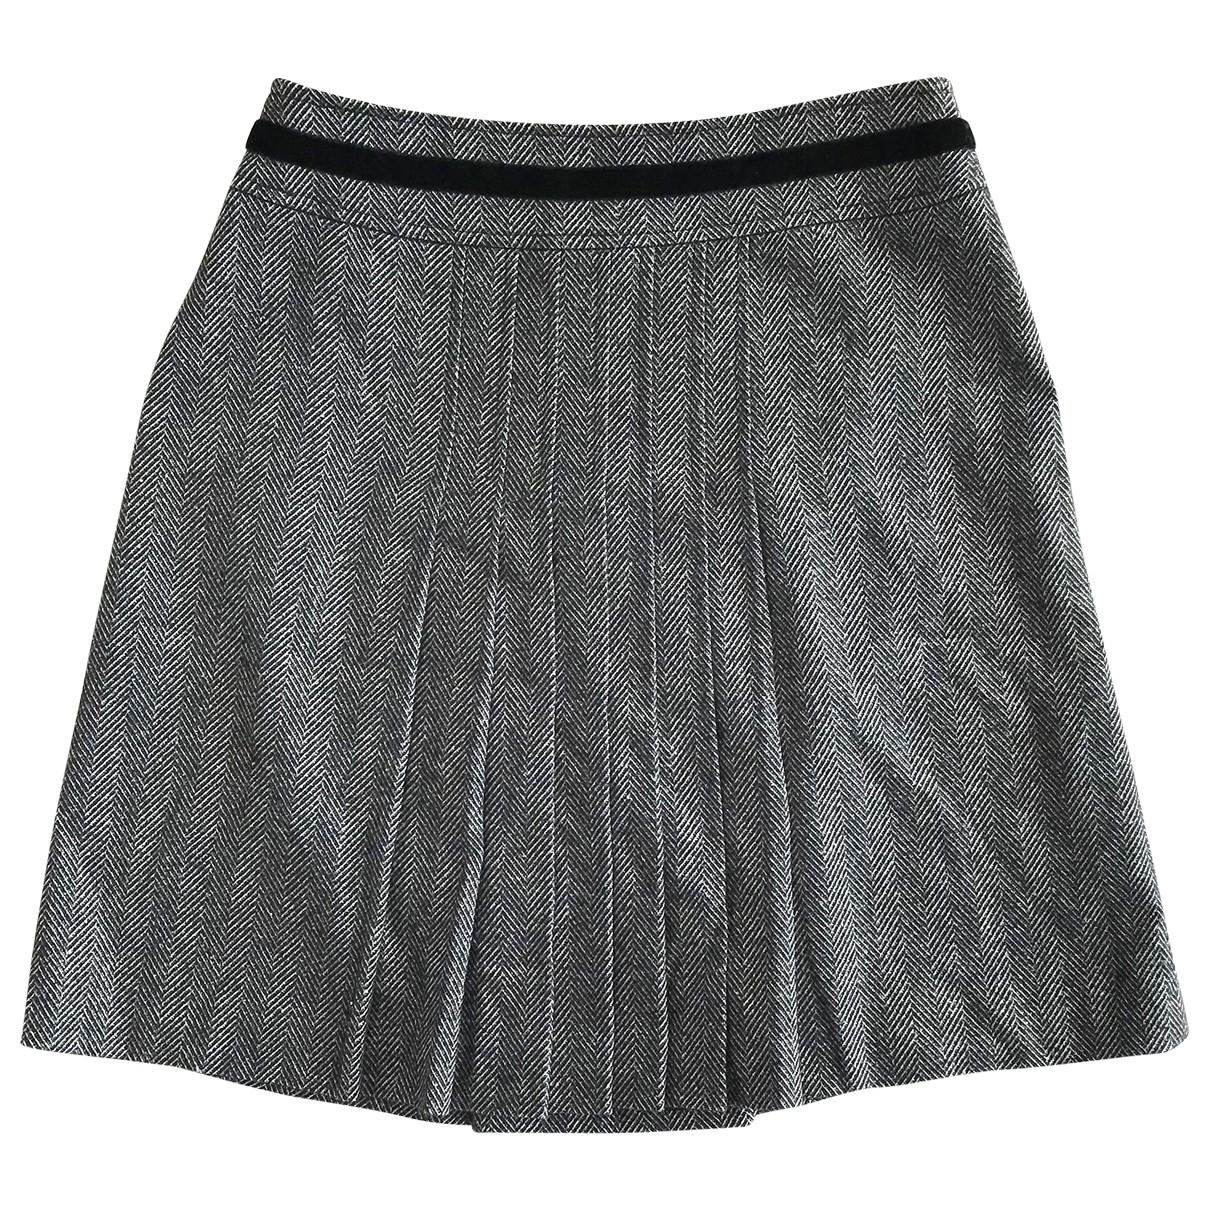 Max & Co \N Black Wool skirt for Women 40 FR